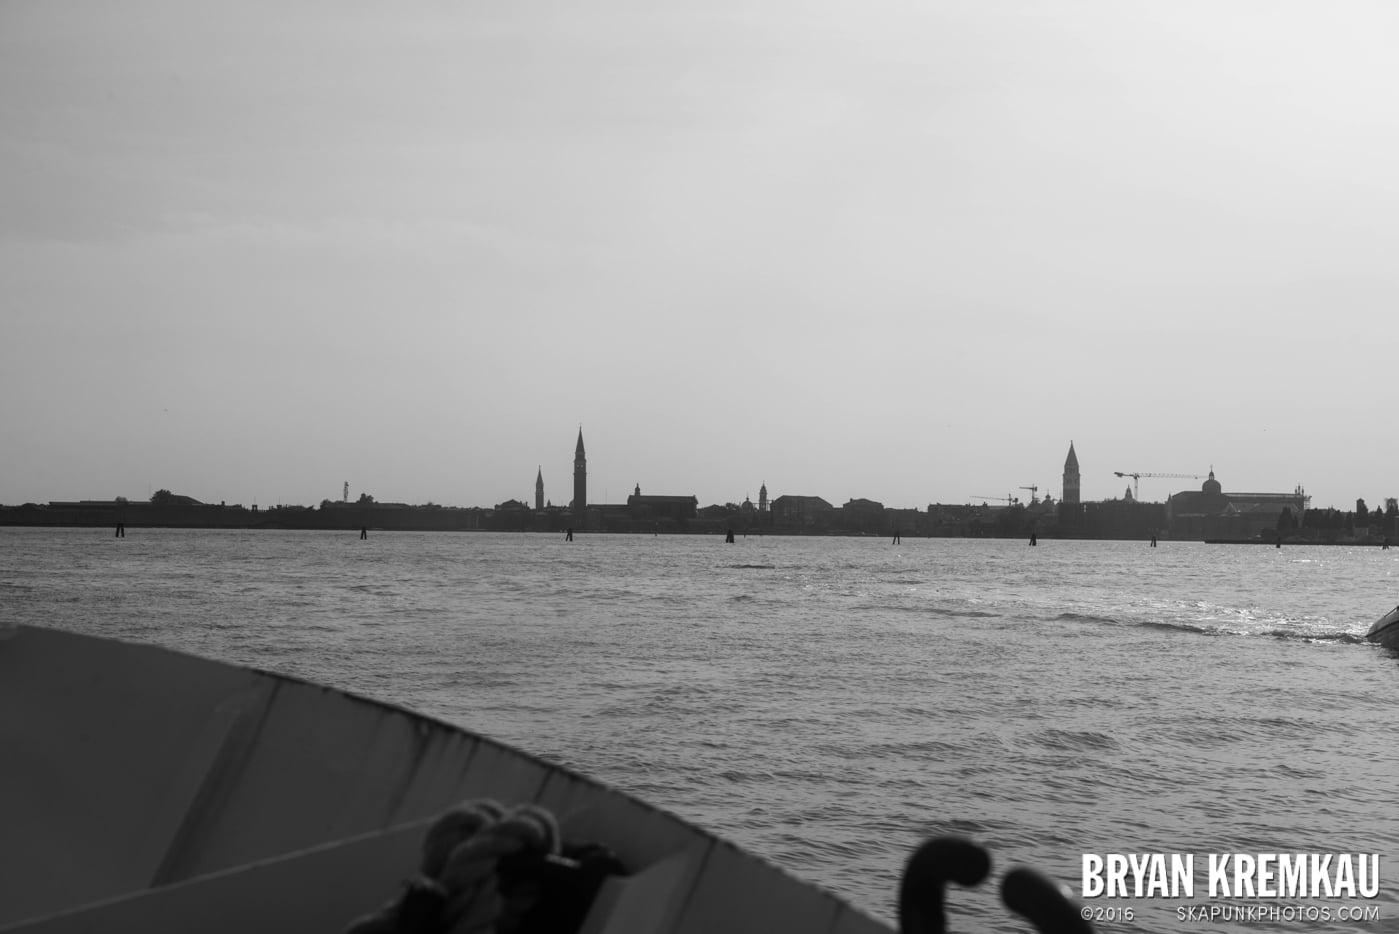 Italy Vacation - Day 6: Murano, Burano, Venice - 9.14.13 (19)